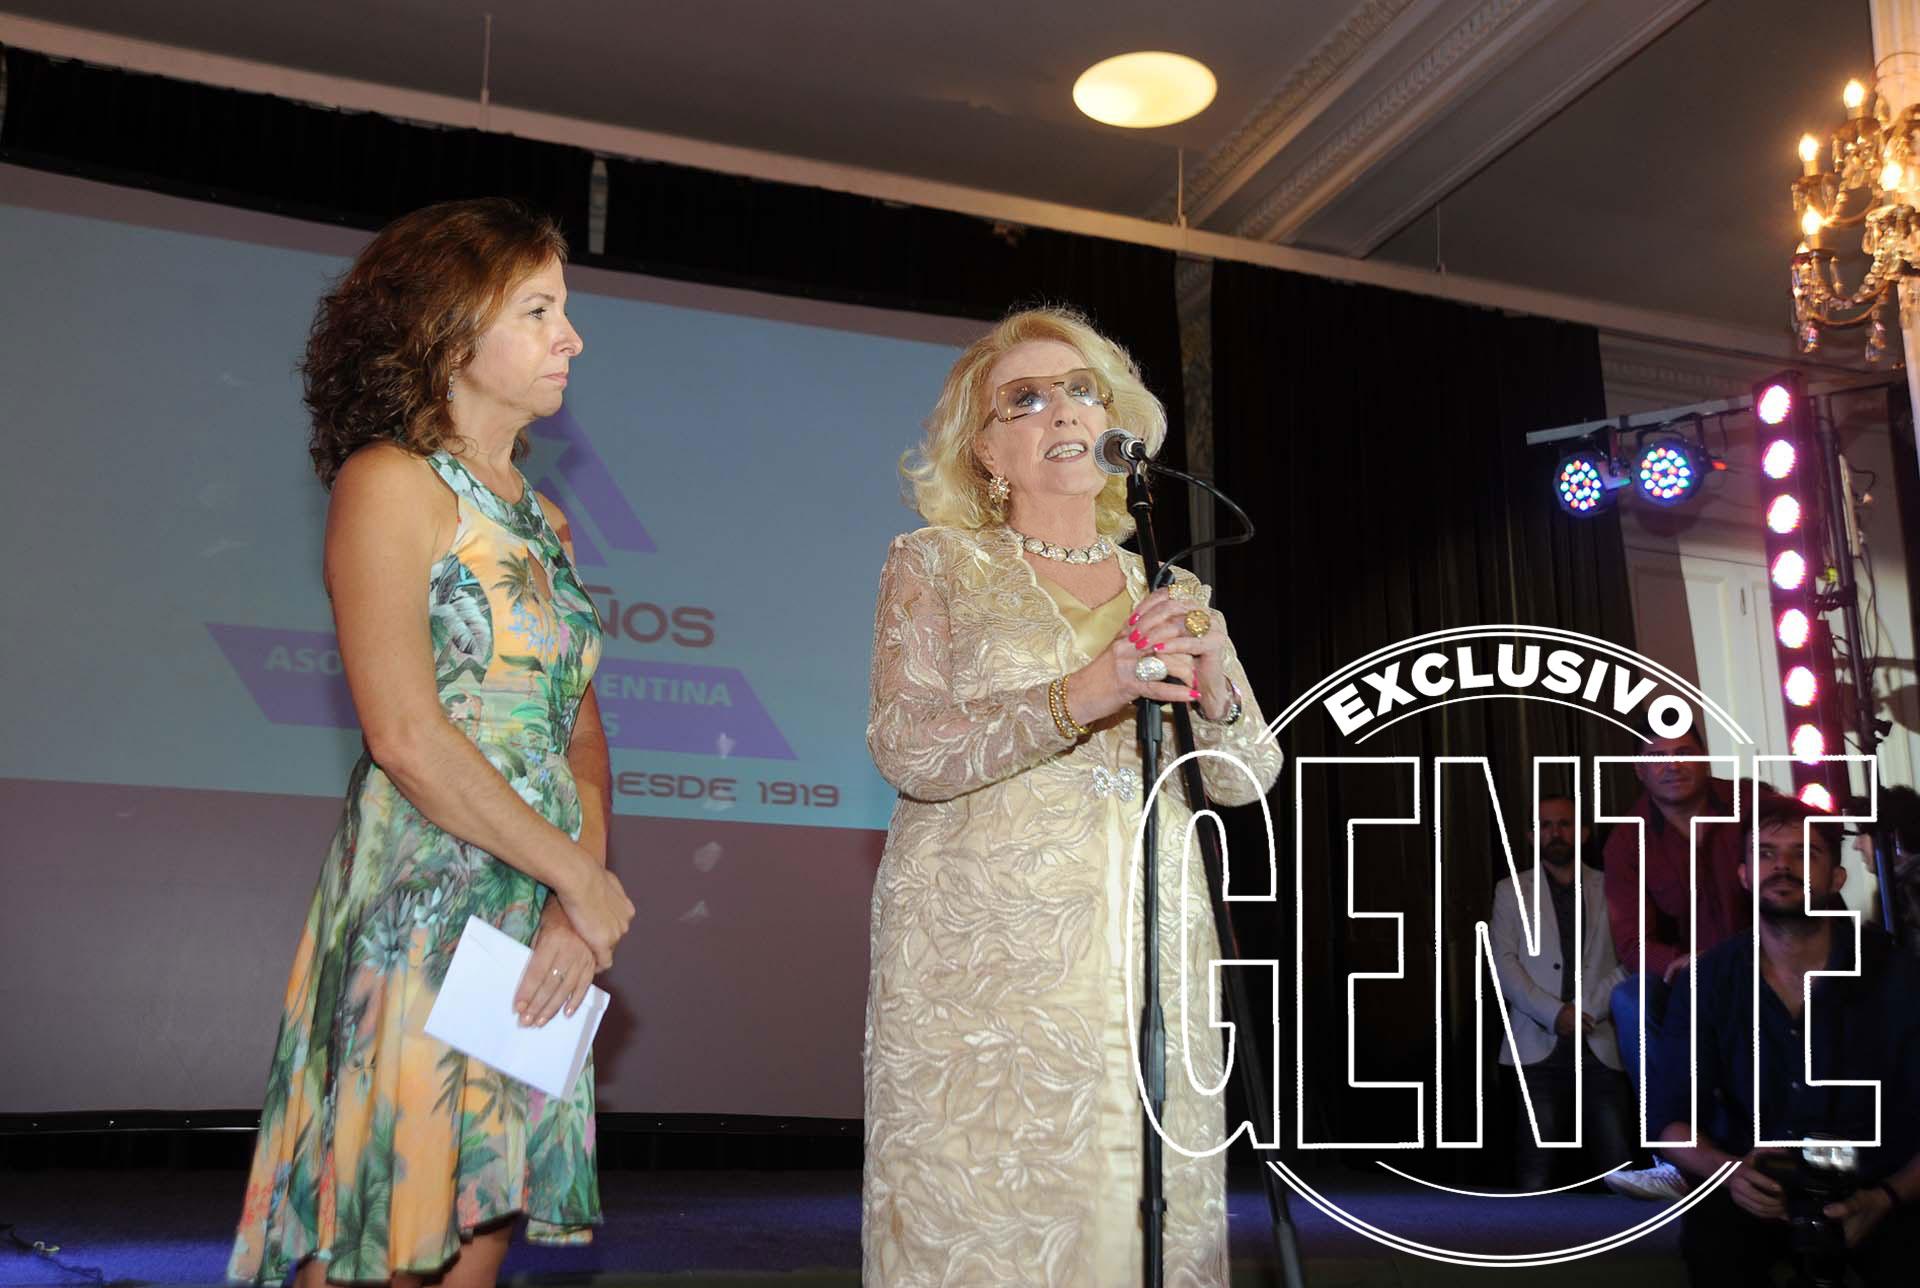 Un cruce amable pero sorpresivo: Alejandra Darín y Mirtha Legrand. Foto: Enrique García Medina/GENTE